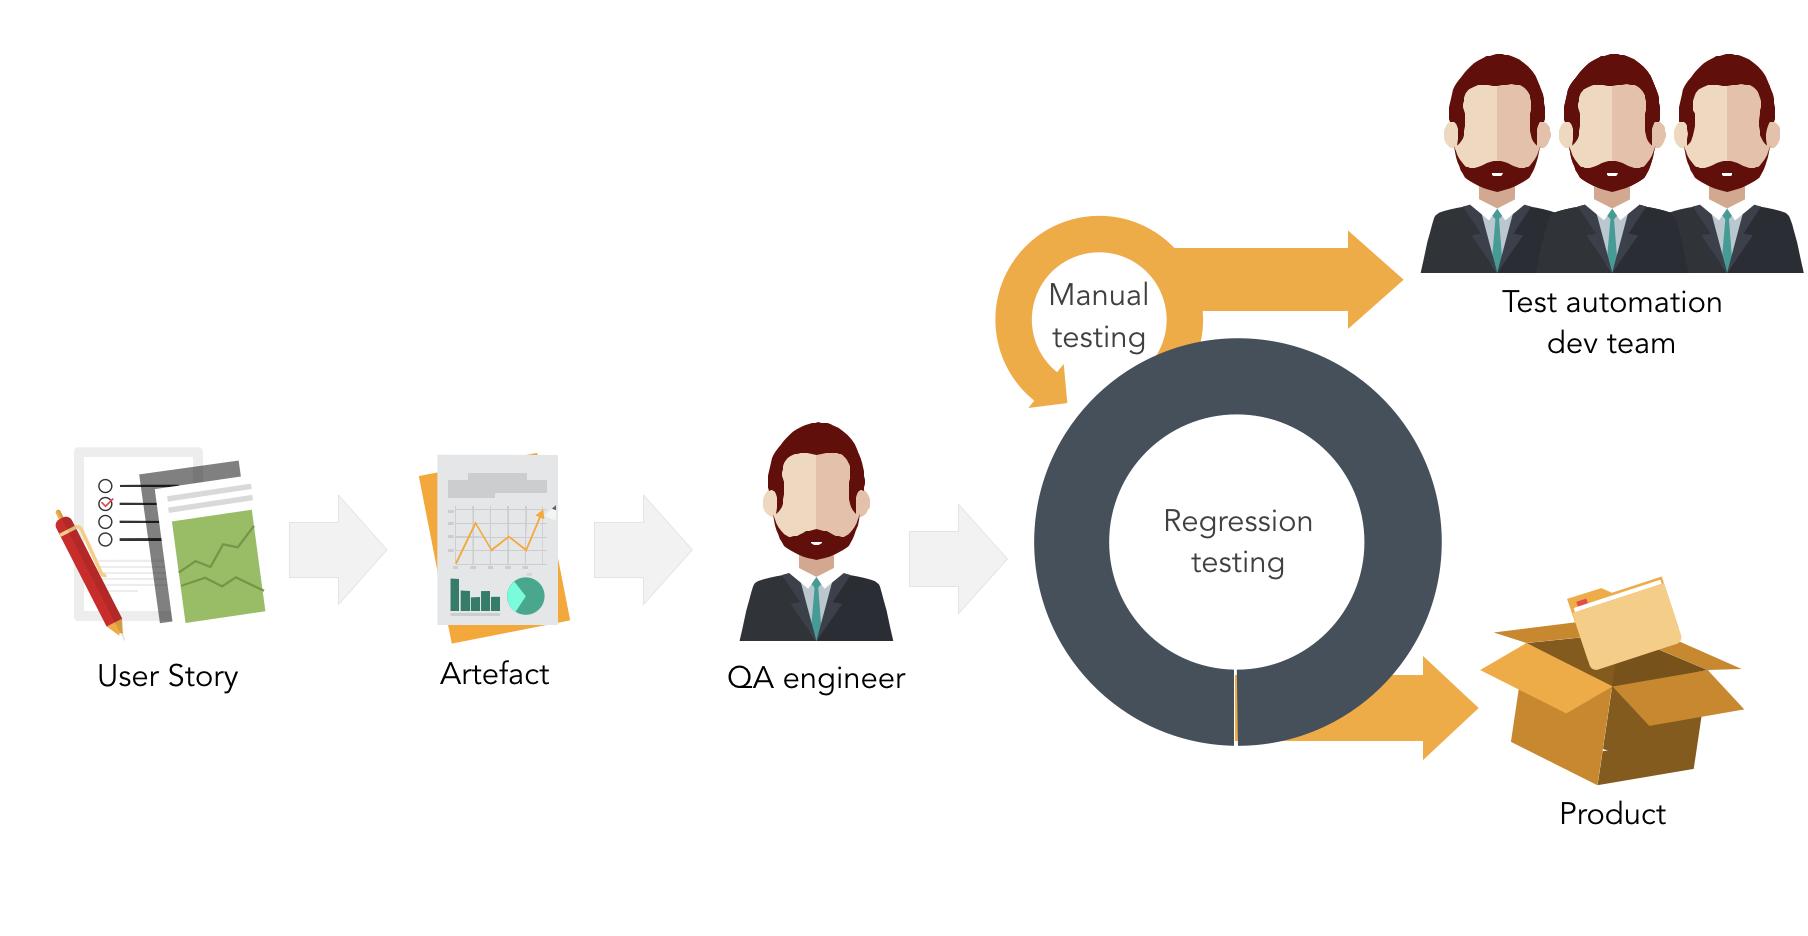 Рабочий процесс тестирования в скрам-команде